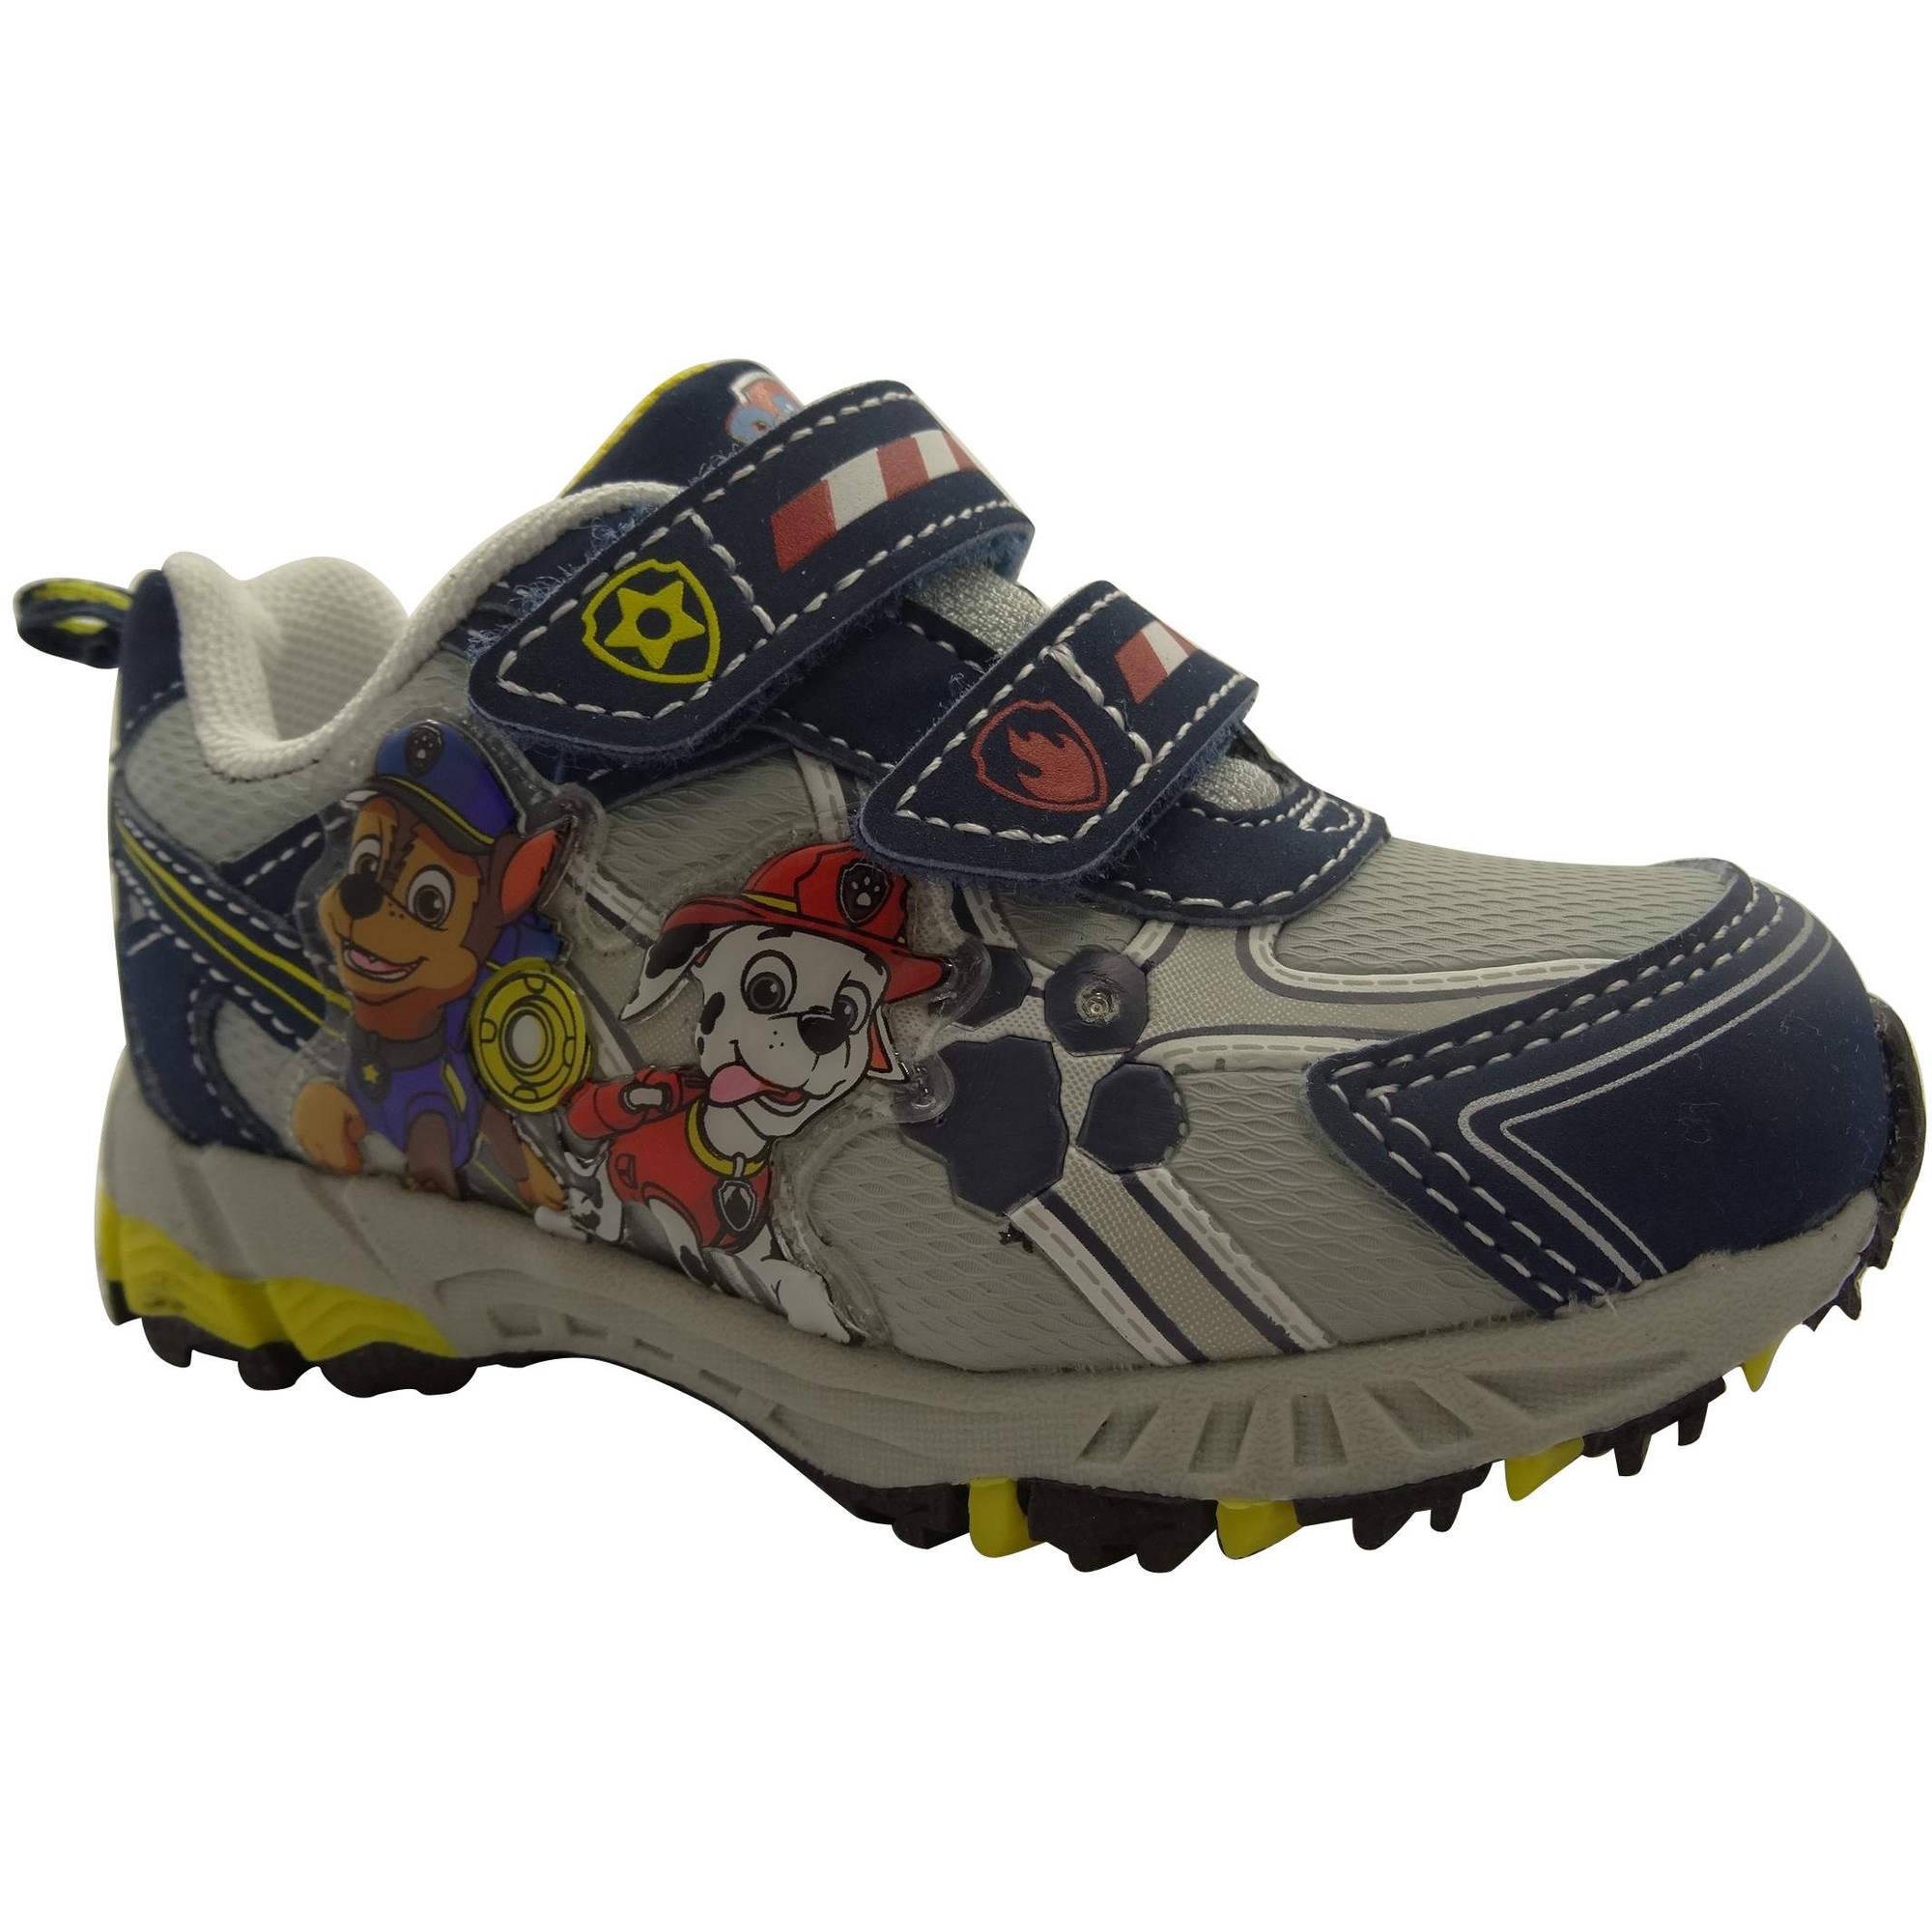 Paw Patrol Toddler Boys Running Shoe Walmart